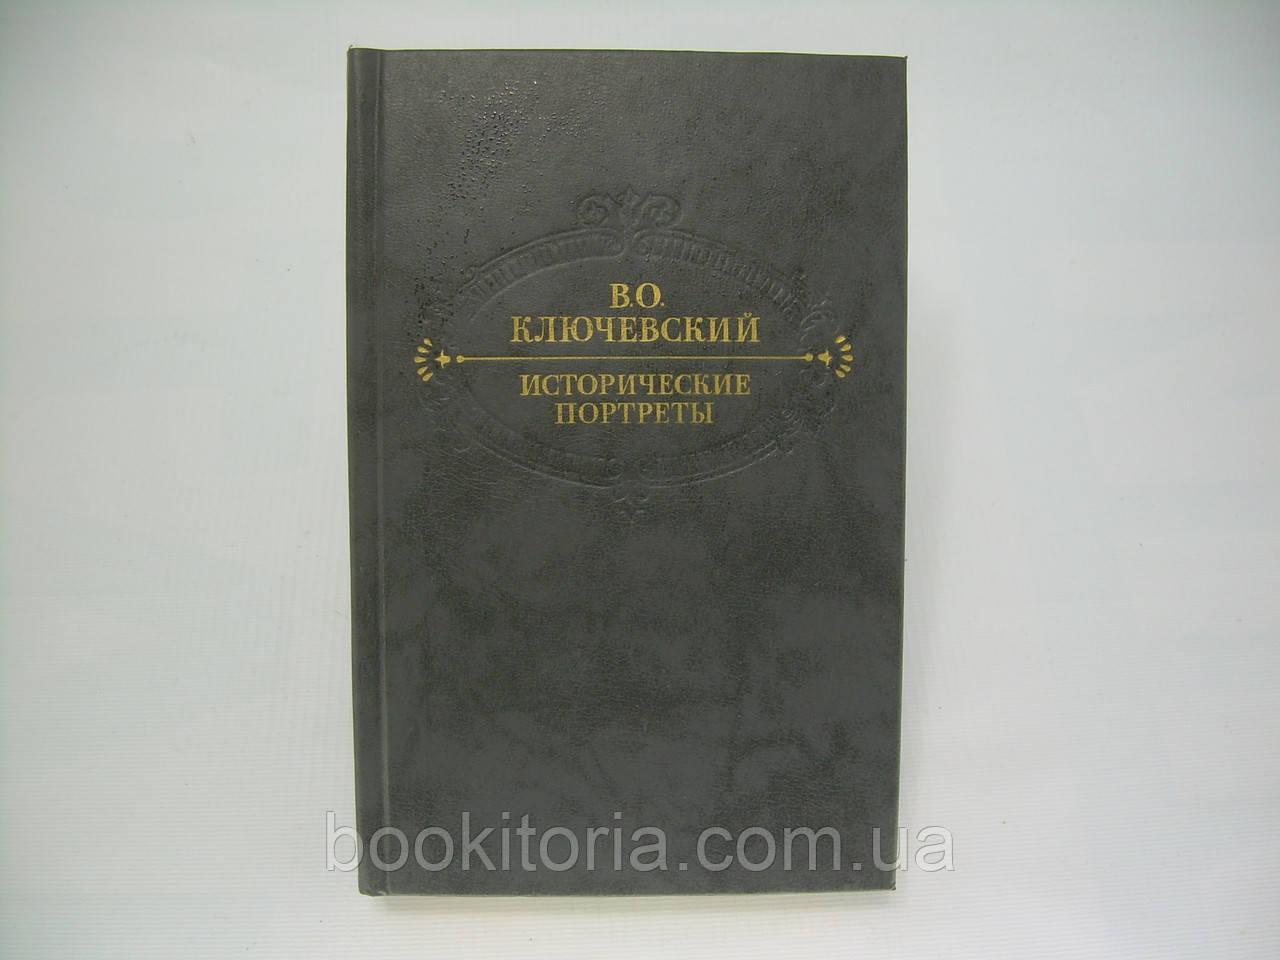 Ключевский В.О. Исторические портреты. Деятели исторической мысли (б/у).